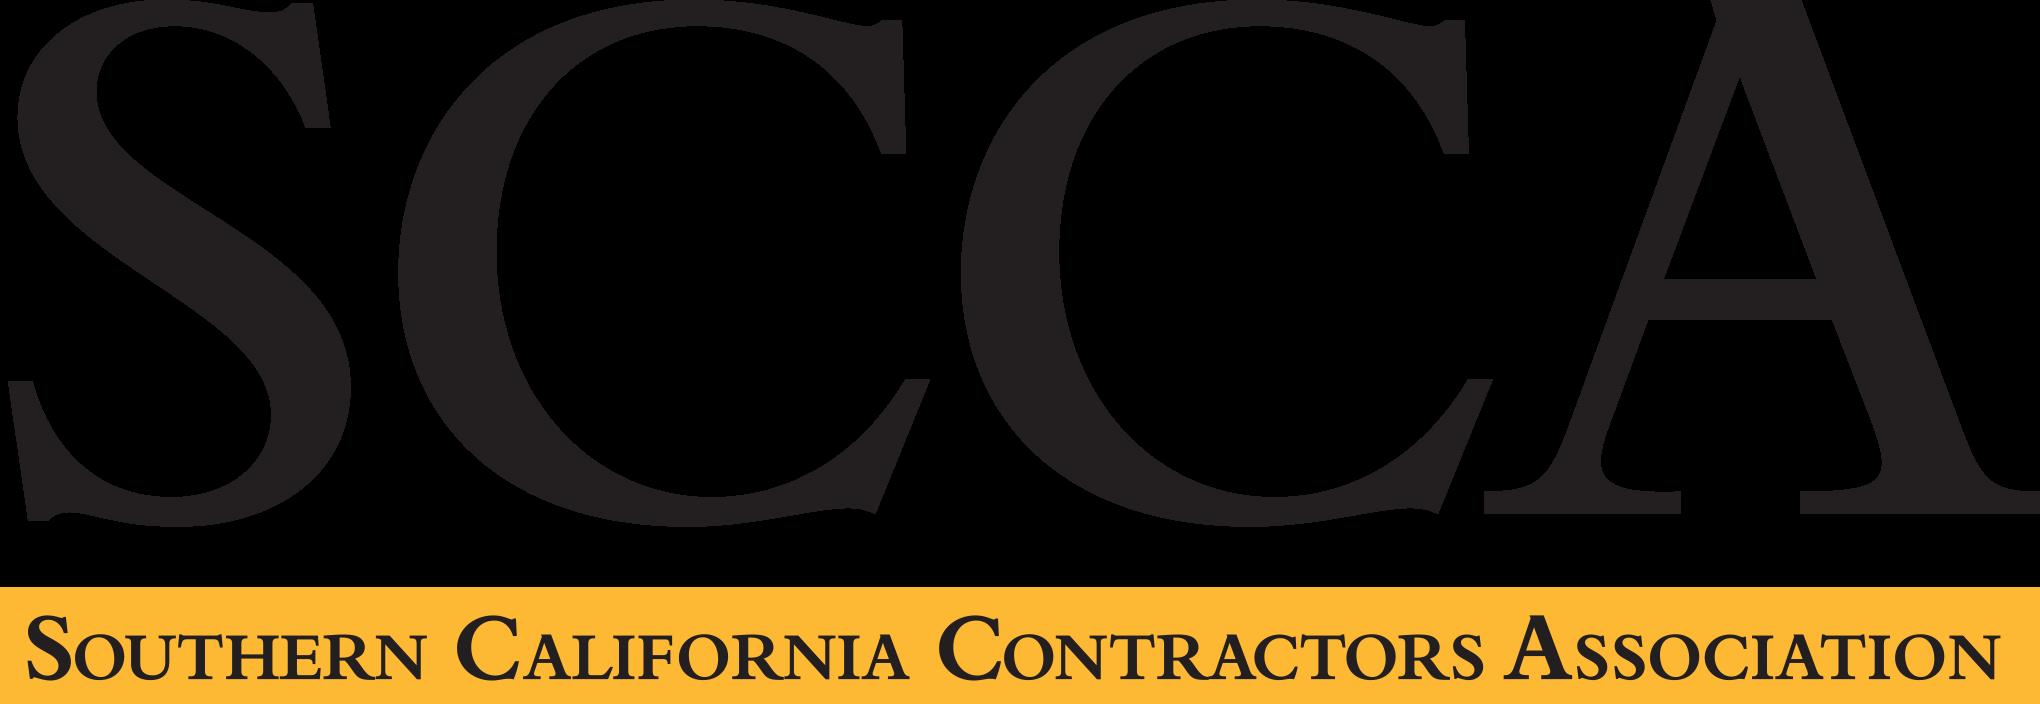 SCCA Logo 2014 cmyk.png